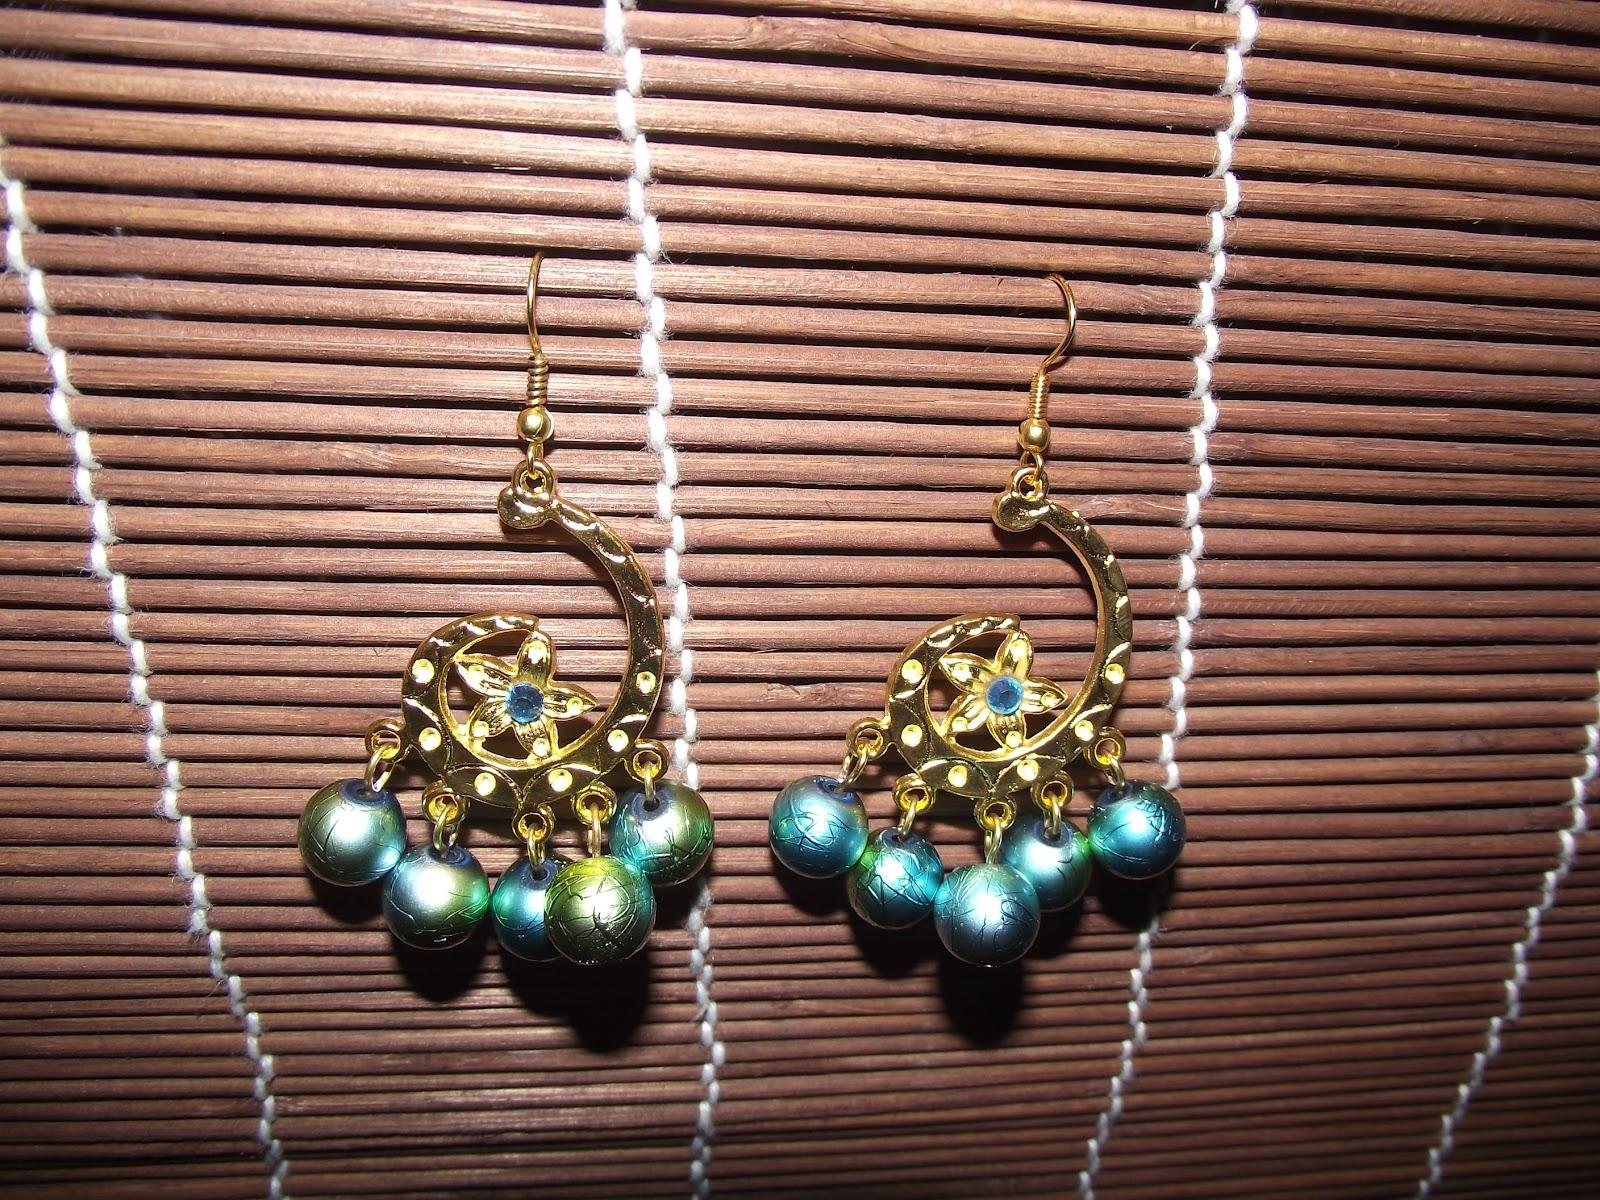 63648e8fd01 kirjumirju: Müüdud ehted/Sold jewellery